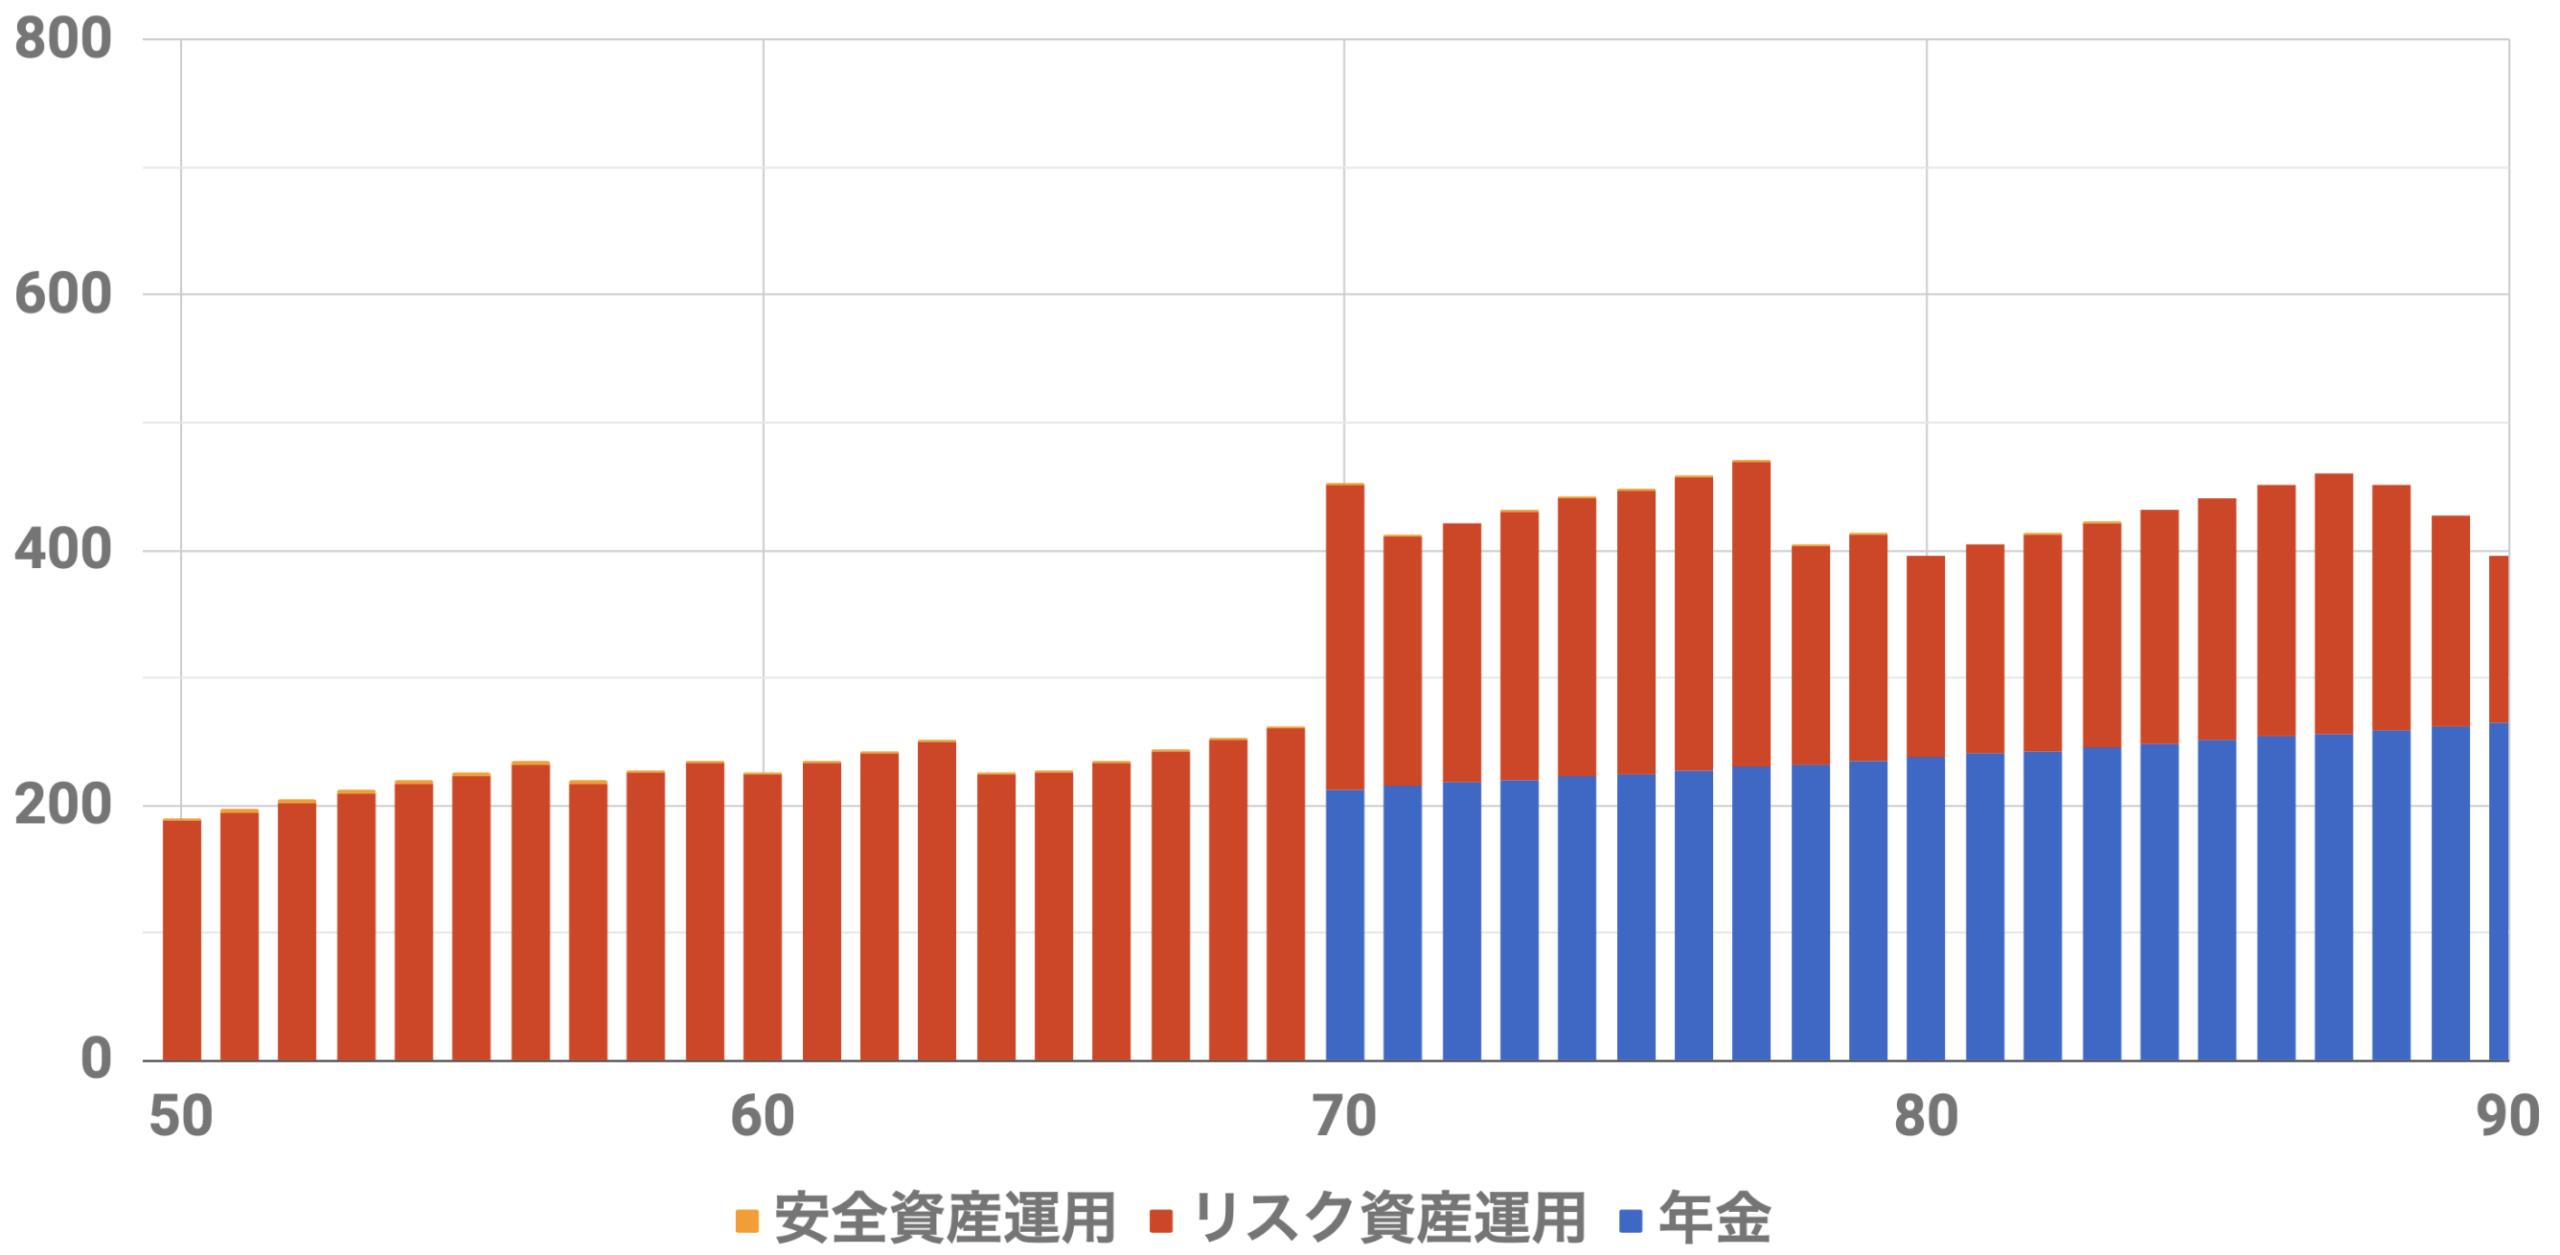 50歳1億円収入シミュレーション(Level5)インフレ率2%利率3.75%連続増配率3.75%安全資産5000万リスク資産5000万